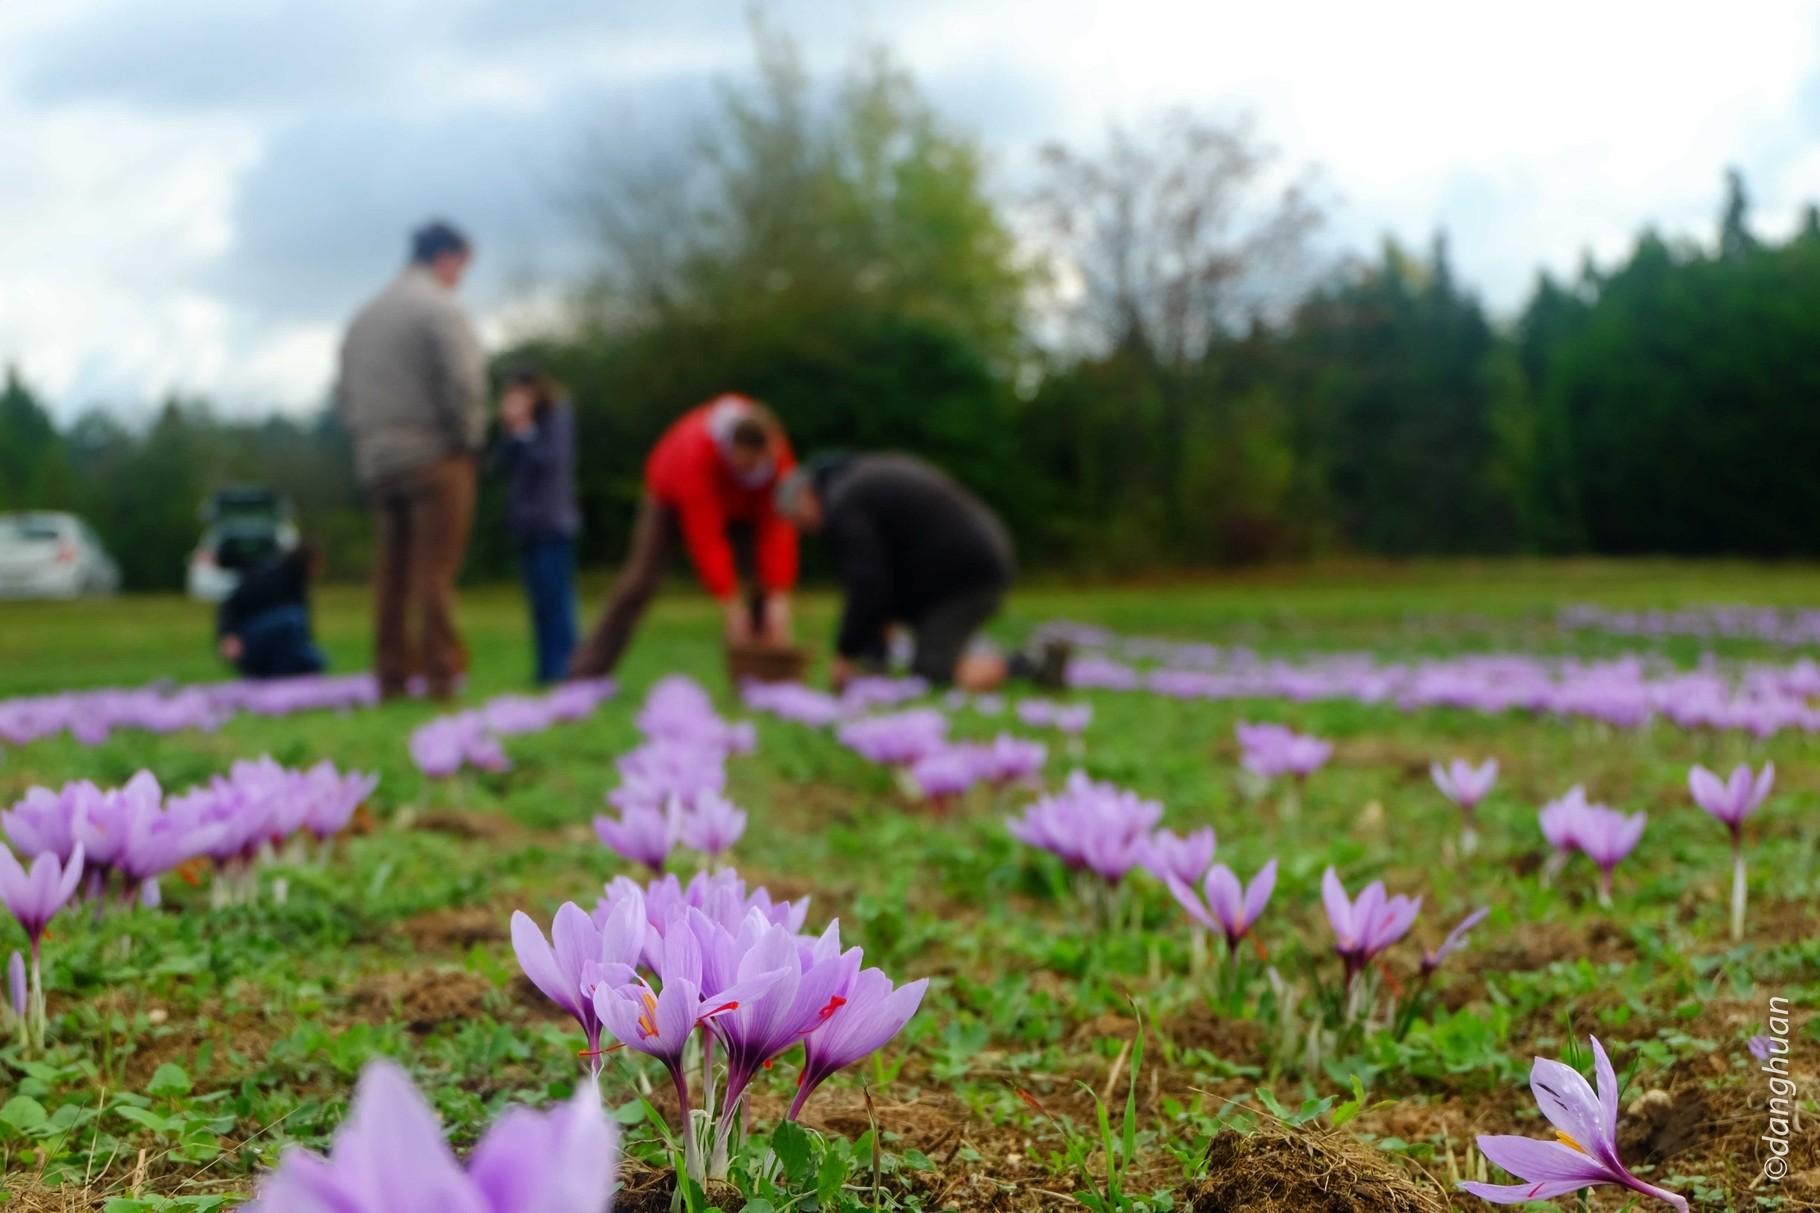 Les bulbes sont plantés en Avril à 15 cm de profondeur et la récolte a lieu en Octobre